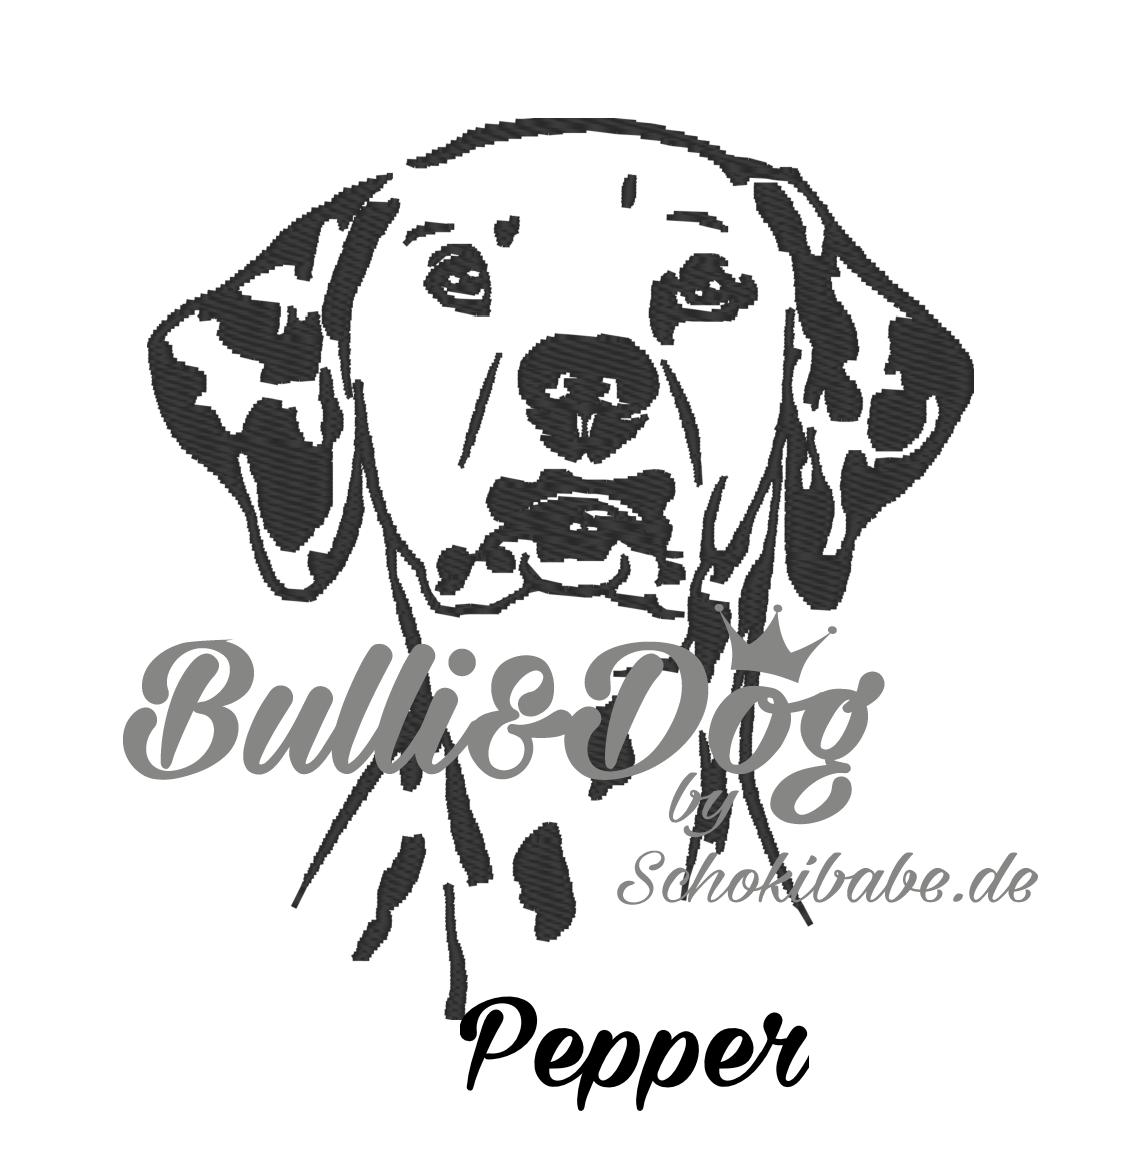 Pepper-2_7x7-6-Kopie232mcdhZJqvut